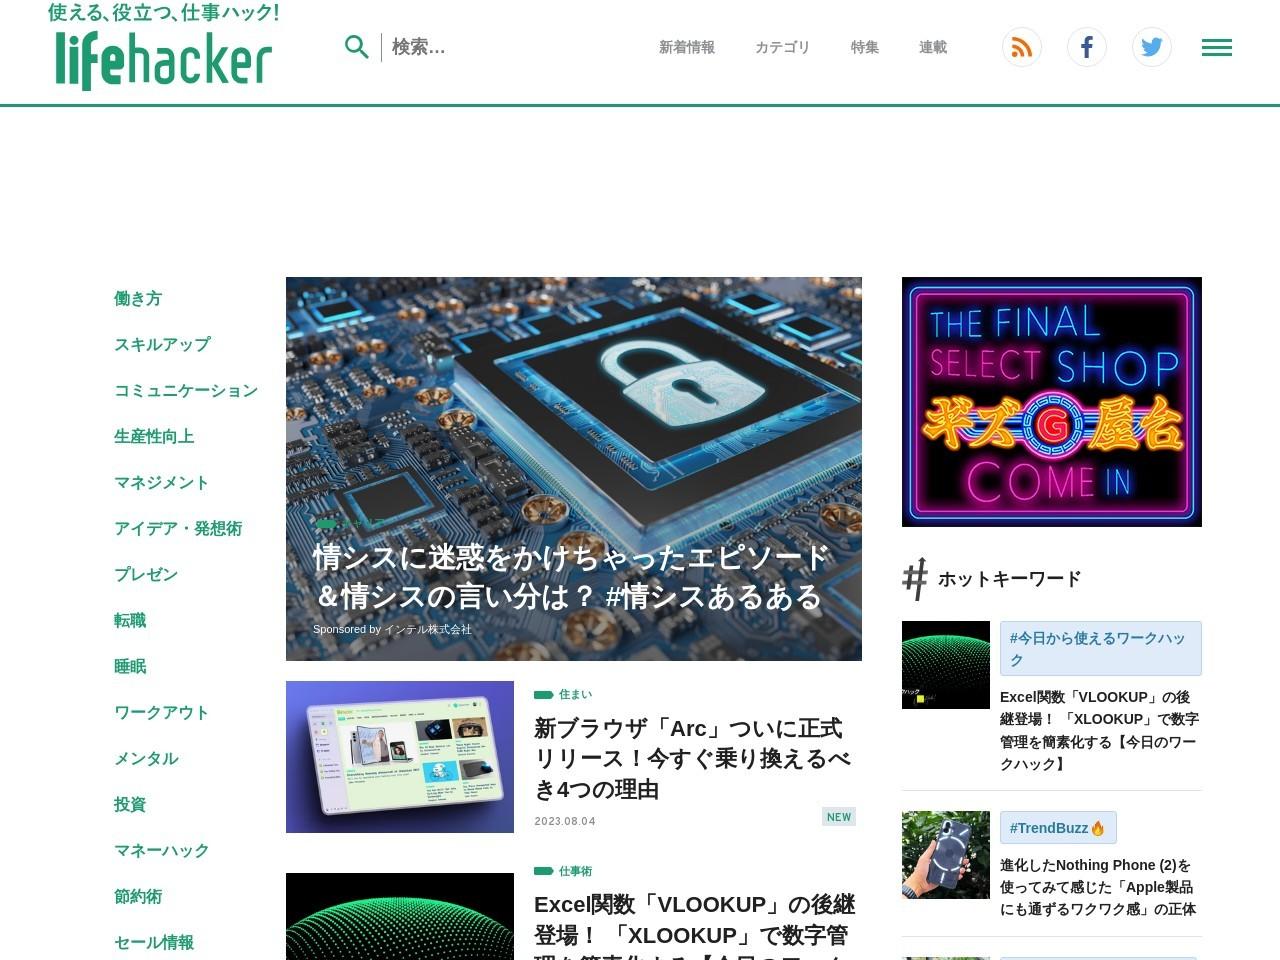 http://www.lifehacker.jp/2012/07/120718sparkler.html